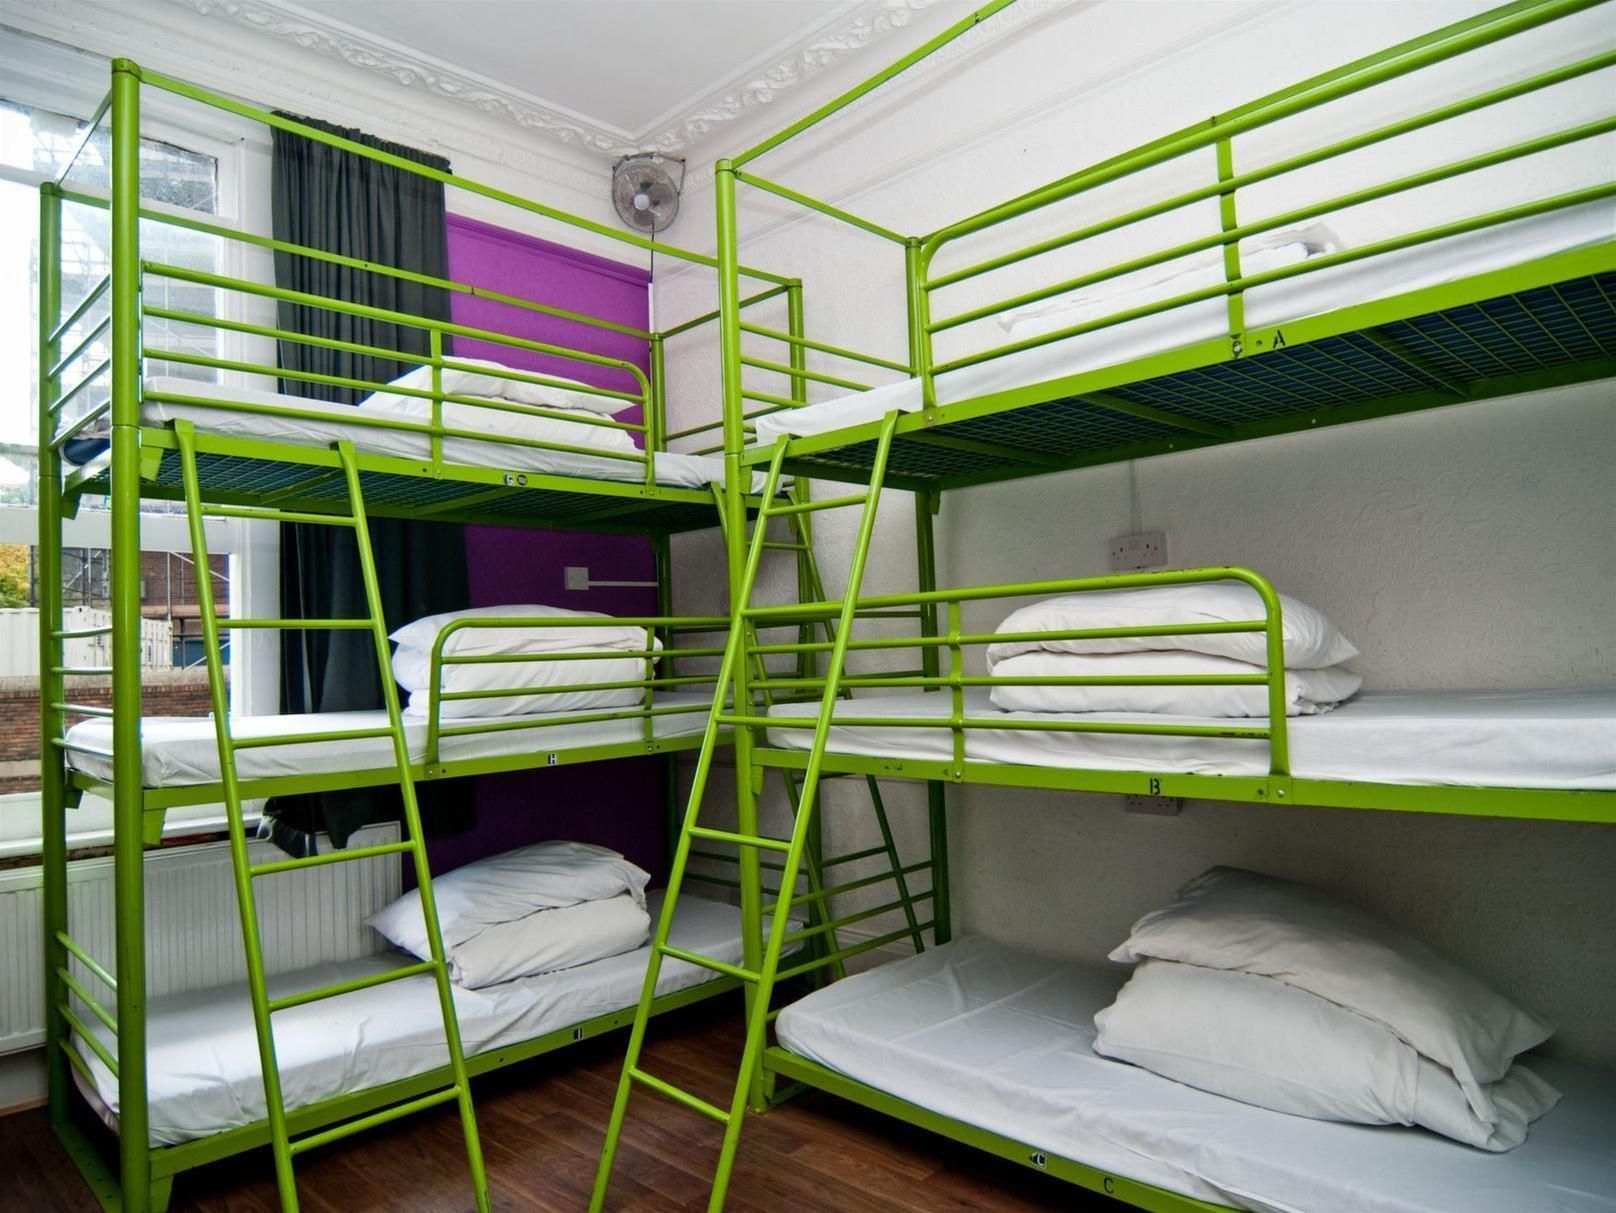 train lille londres partir de 56 promos de billets sncf et eurostar plus rapide et simple. Black Bedroom Furniture Sets. Home Design Ideas